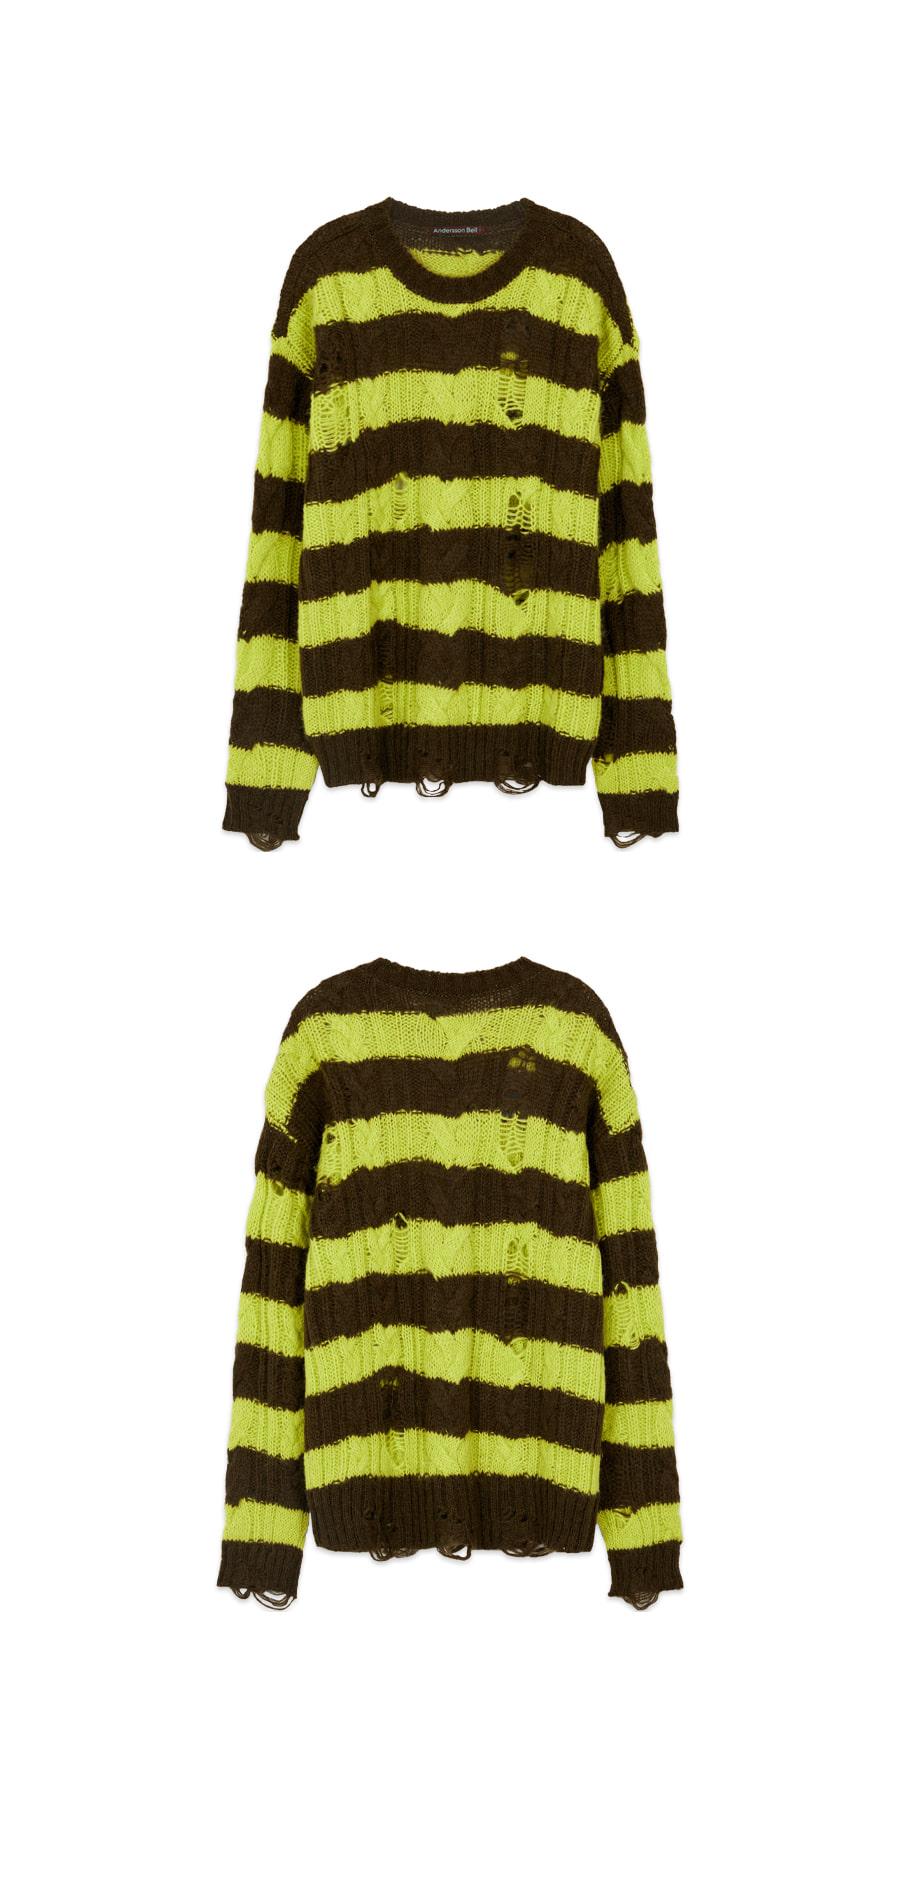 앤더슨벨(ANDERSSON BELL) 유니섹스 디스트로이드 스트라이프 케이블 스웨터 atb516u(KHAKI/LIME)